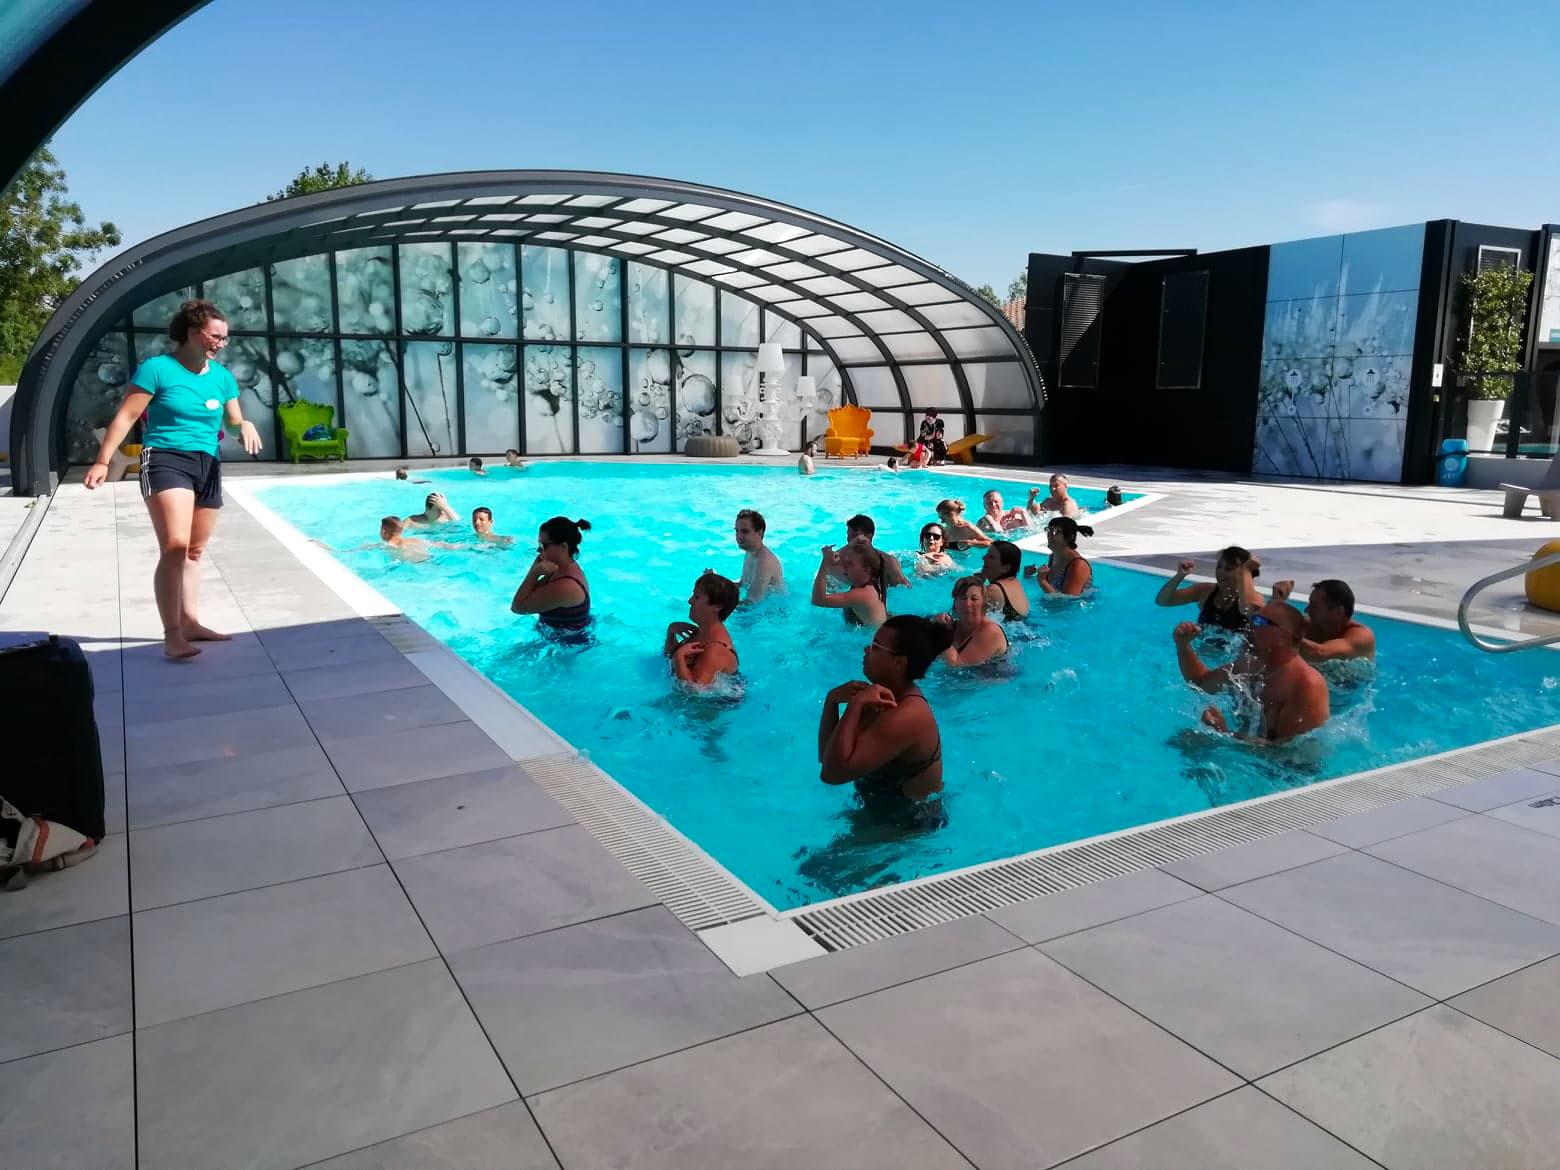 galerie-photos-activites-piscine-1-camping-familial-vendee-le-port-de-moricq